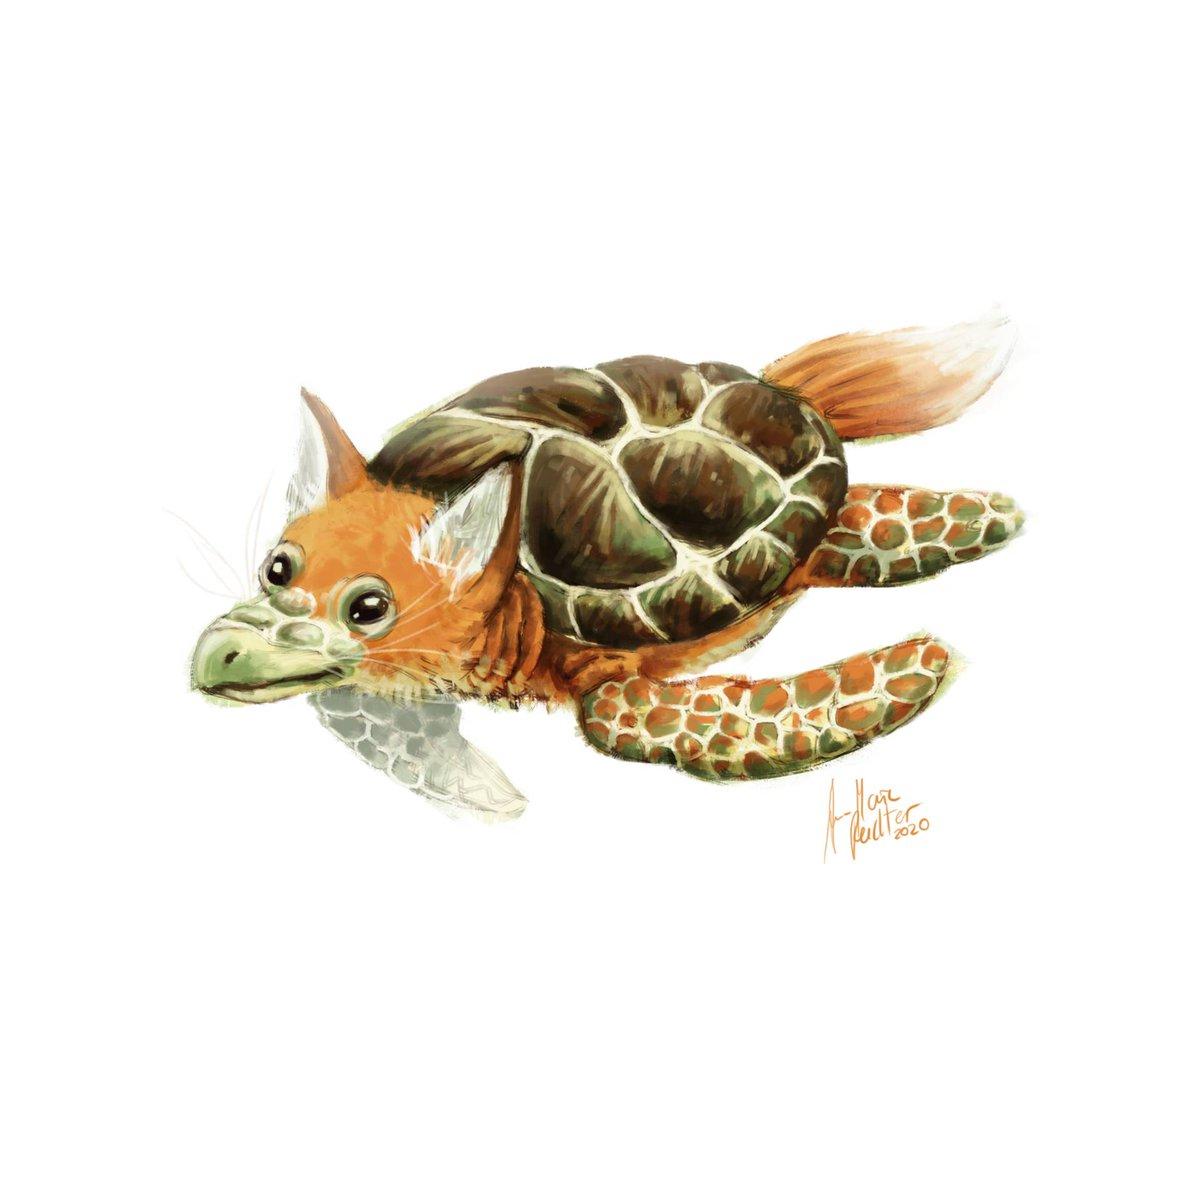 Und die nächsten Kreaturen aus meinem letzten Projekt:) and here are the next creatures :D #art #illustration #artwork #illustrator #animalart #creative  #artistontwitter #creaturedesign #clientwork #twitterart #animalillustrationpic.twitter.com/wdVHIjoV1A  by Illumarie_Art